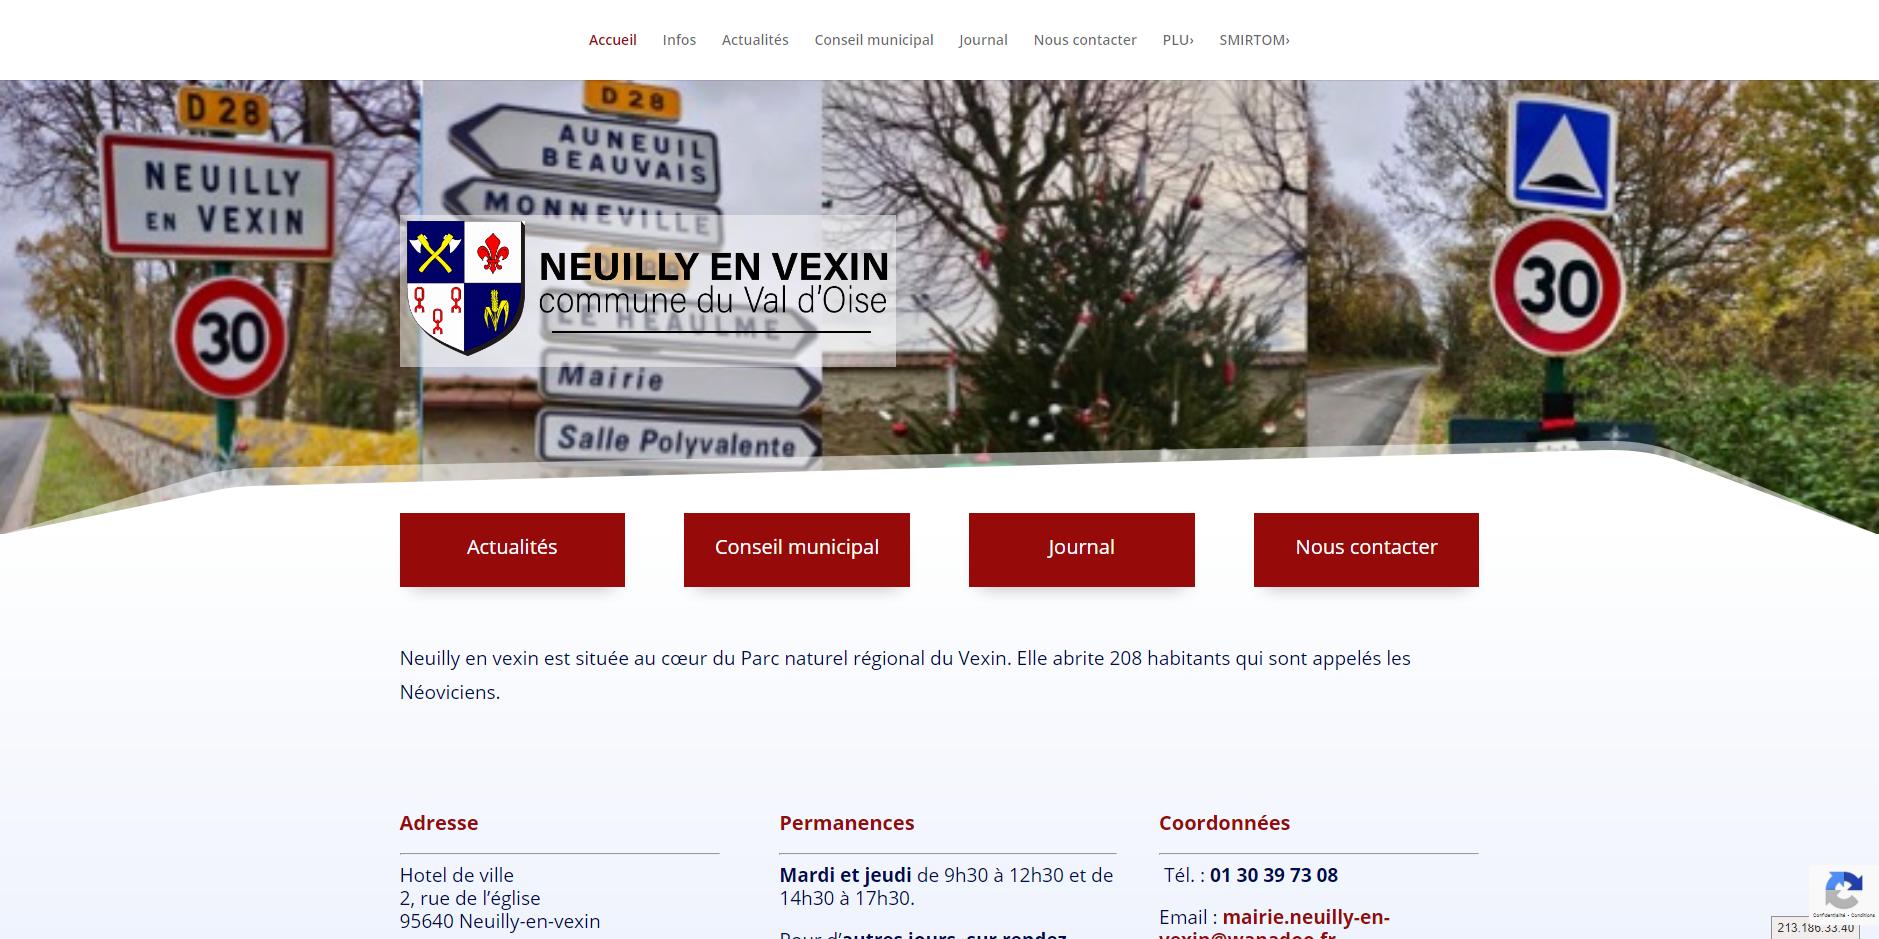 site de Neuilly en vexin